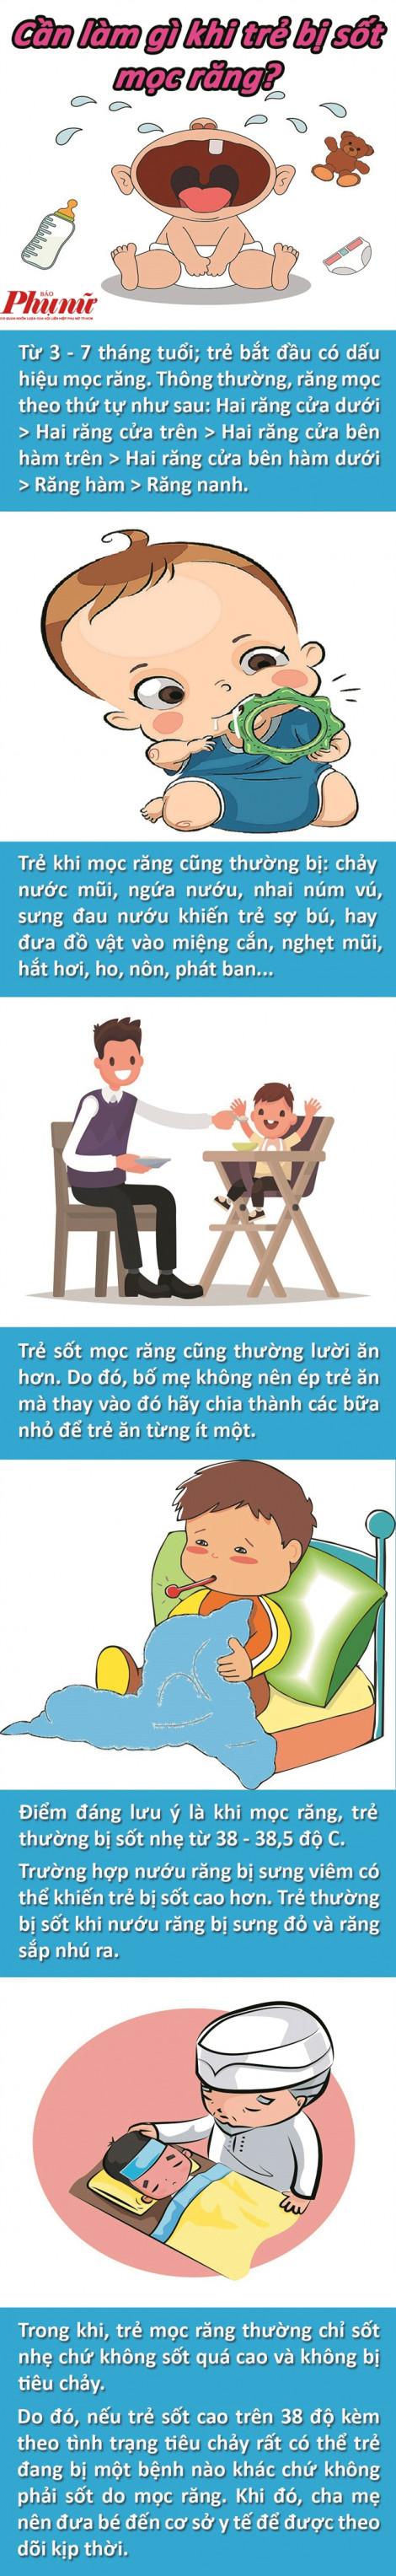 Cần làm gì khi trẻ bị sốt do mọc răng?